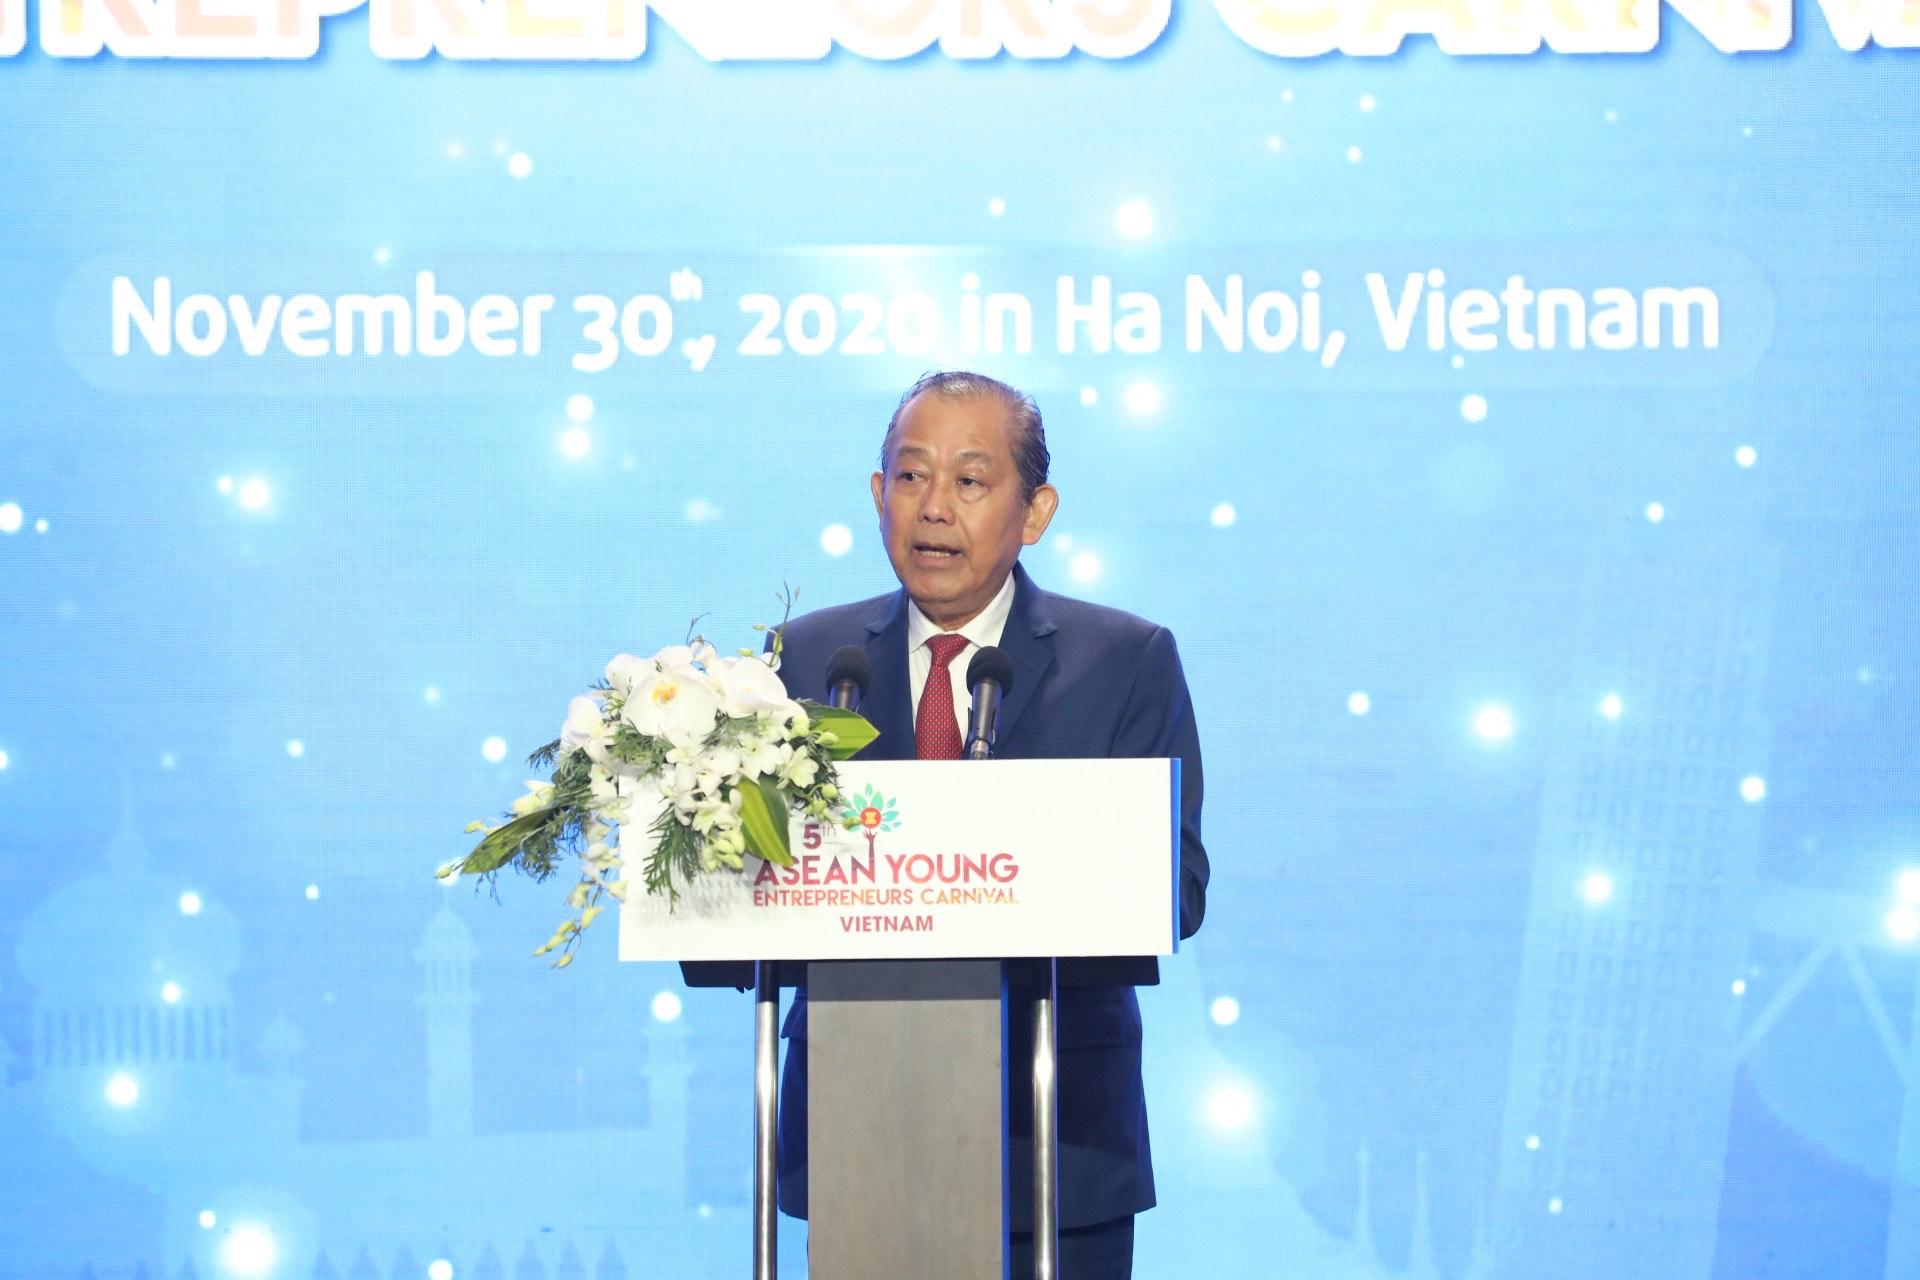 Phó Thủ tướng Thường trực dự Diễn đàn Doanh nhân trẻ ASEAN